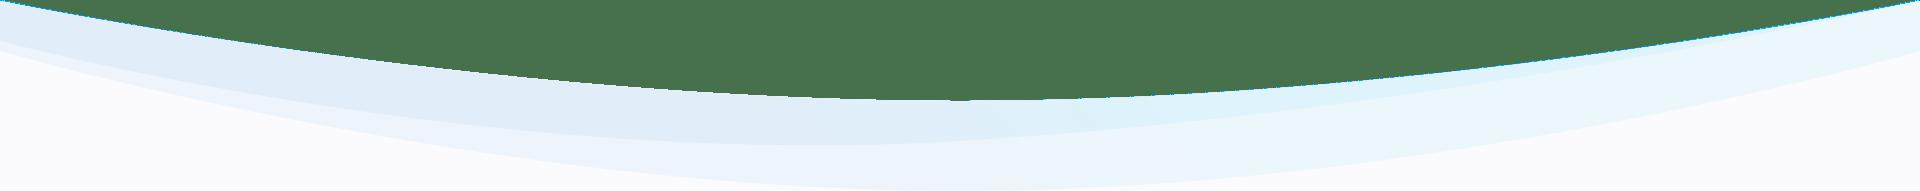 Canalizações 24 Horas - Empresa especializada em canalizações, desentupimentos, aspirações e limpezas de fossas, entre outros serviços...